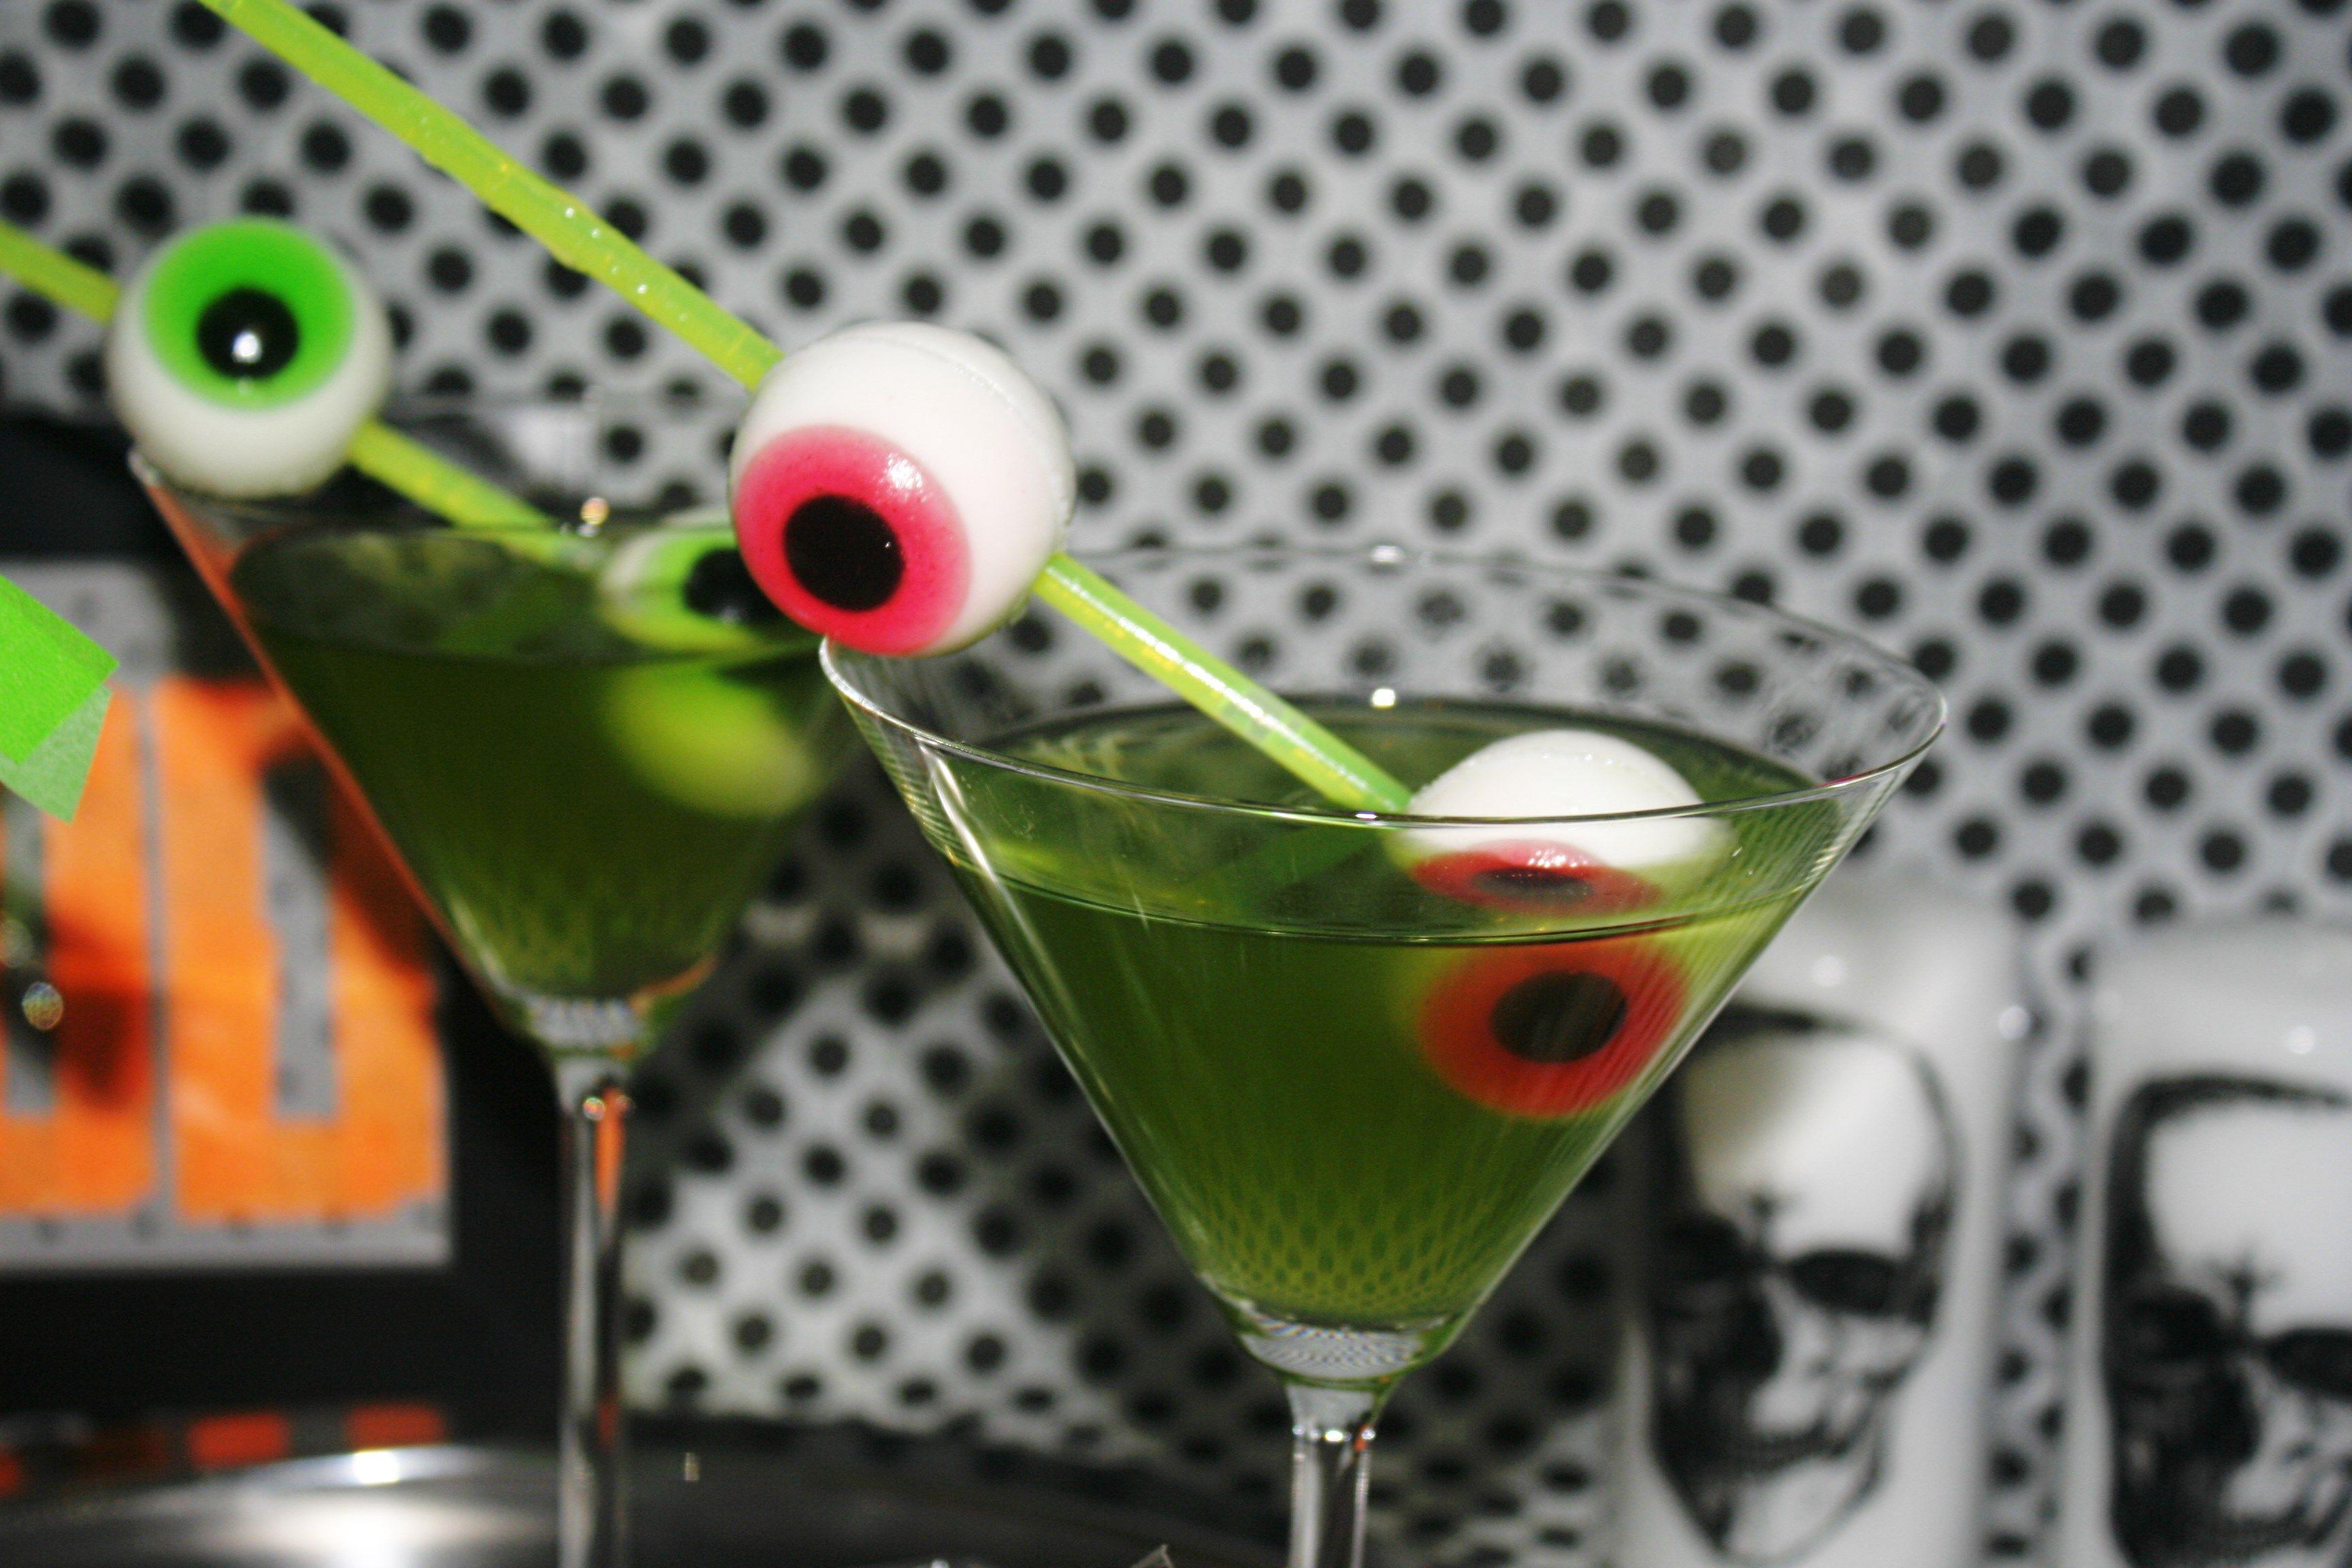 Halloween Party Cocktail Ideas Part - 36: Spuk-takulär Simples Und Eindrucksvolles Duo Für Eure Halloween-Party |  KüchenAtlas Blog · SimpleBlogPopcornHatsHalloween PartiesCocktailsIdeas